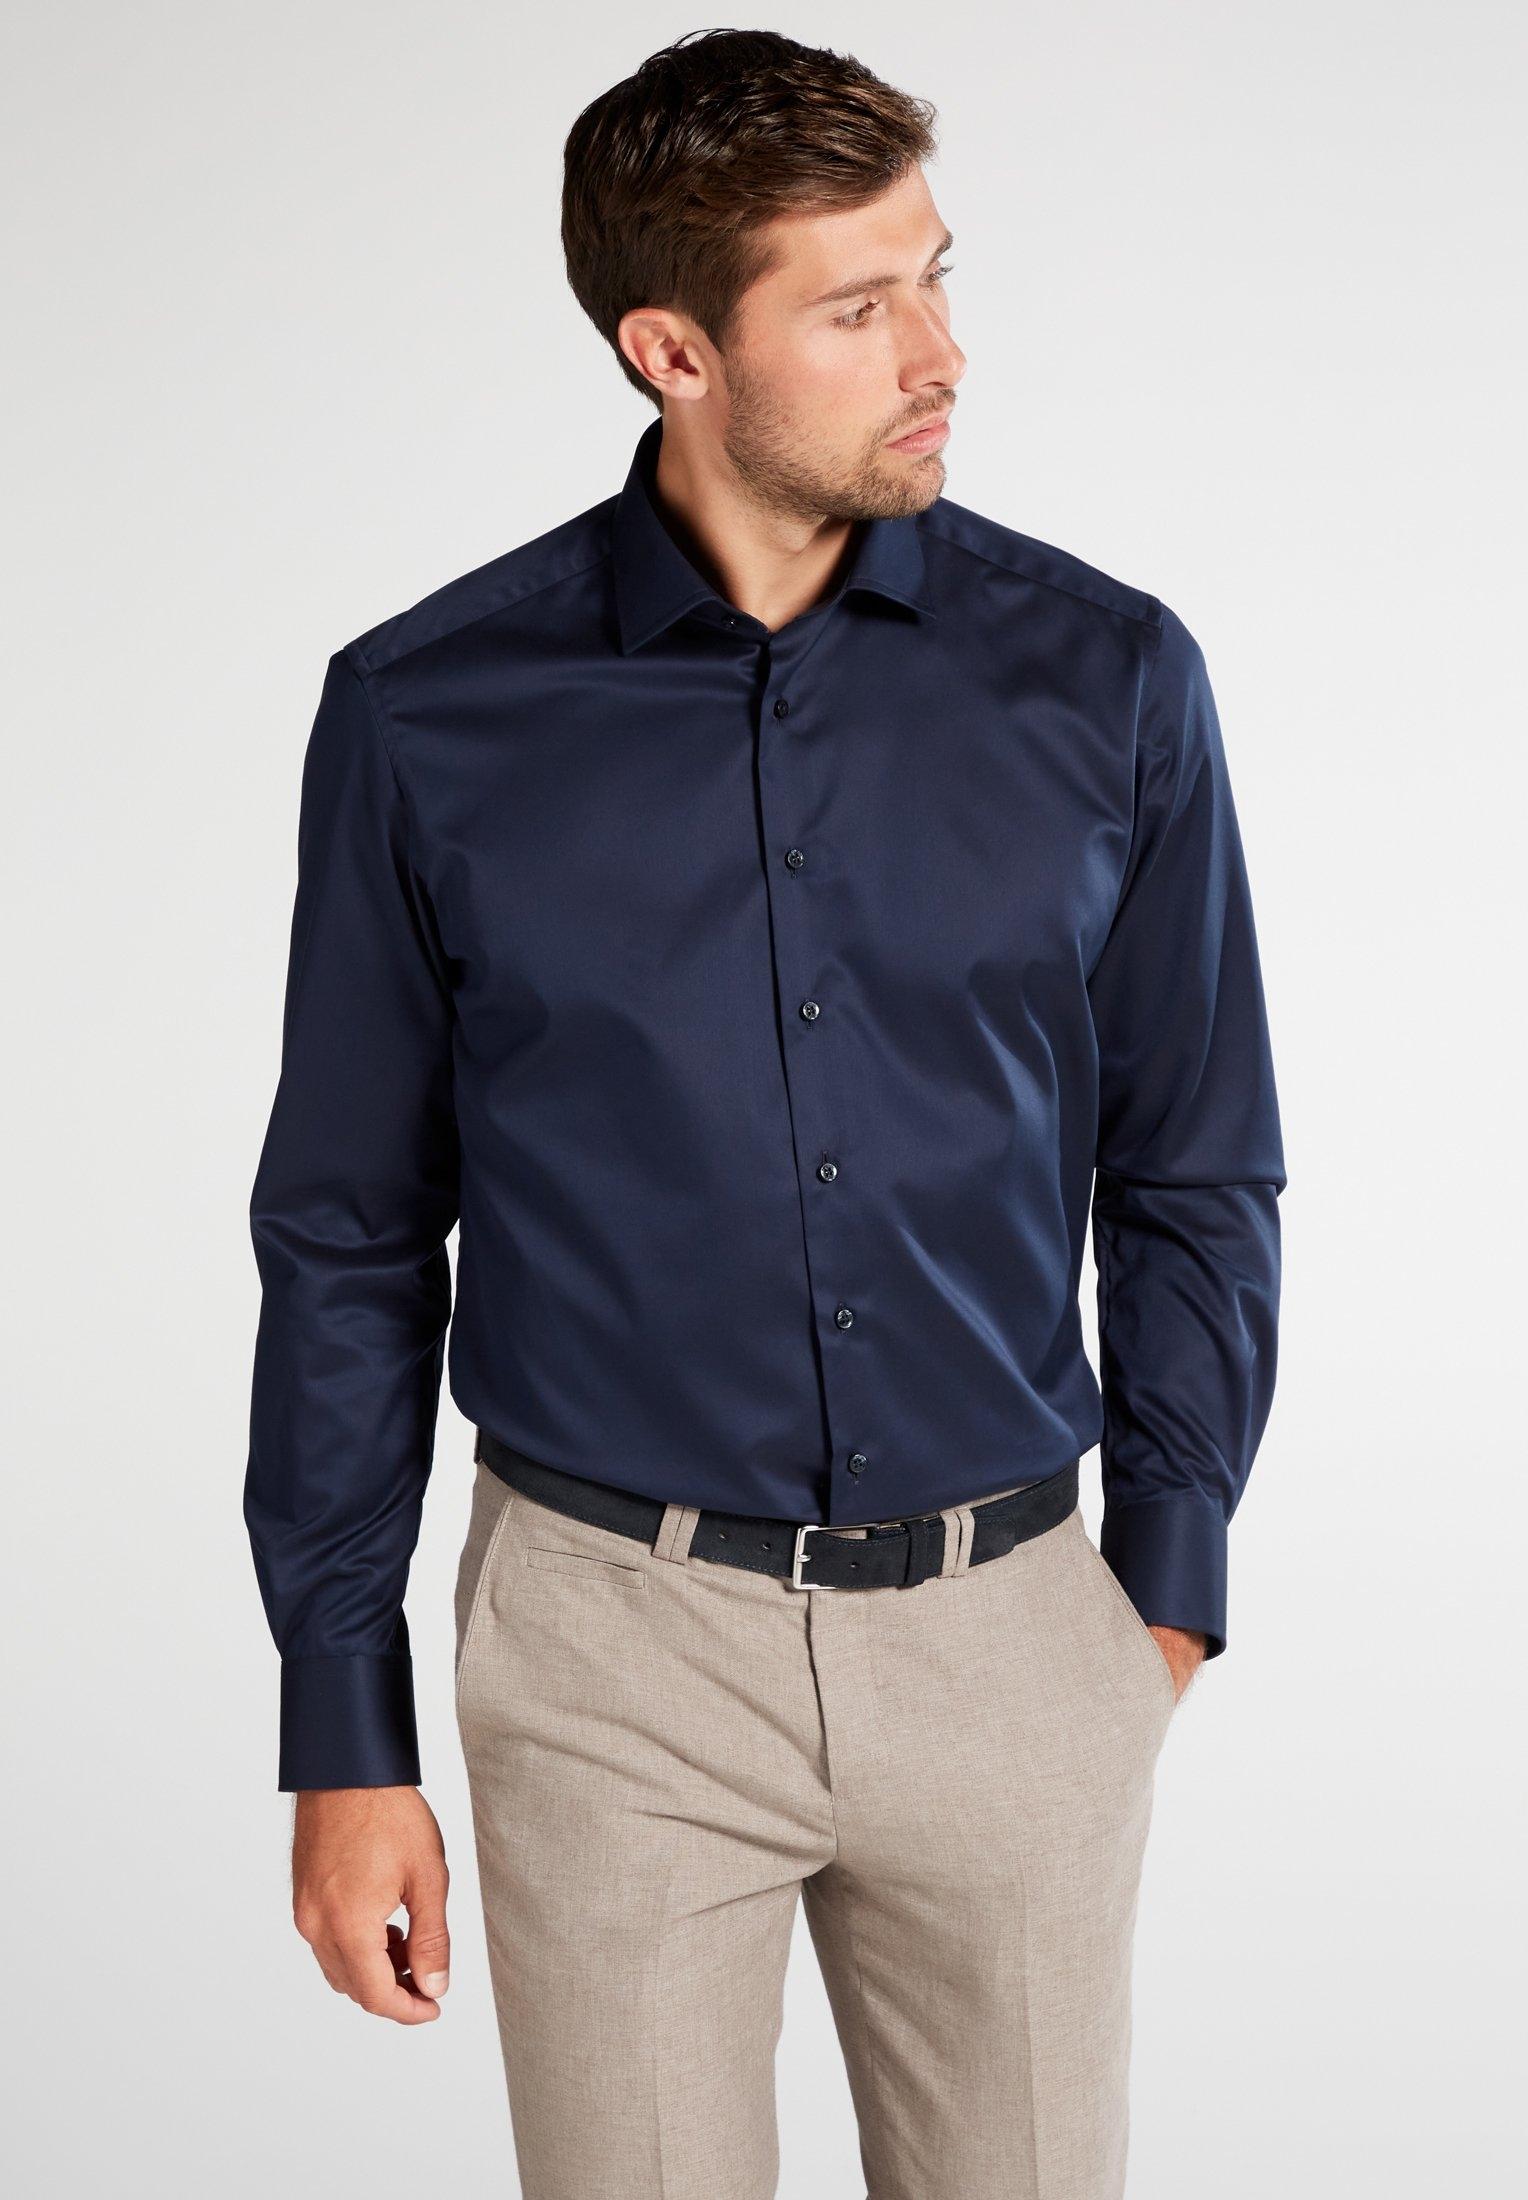 Eterna businessoverhemd Comfort fit Lange mouwen goedkoop op otto.nl kopen